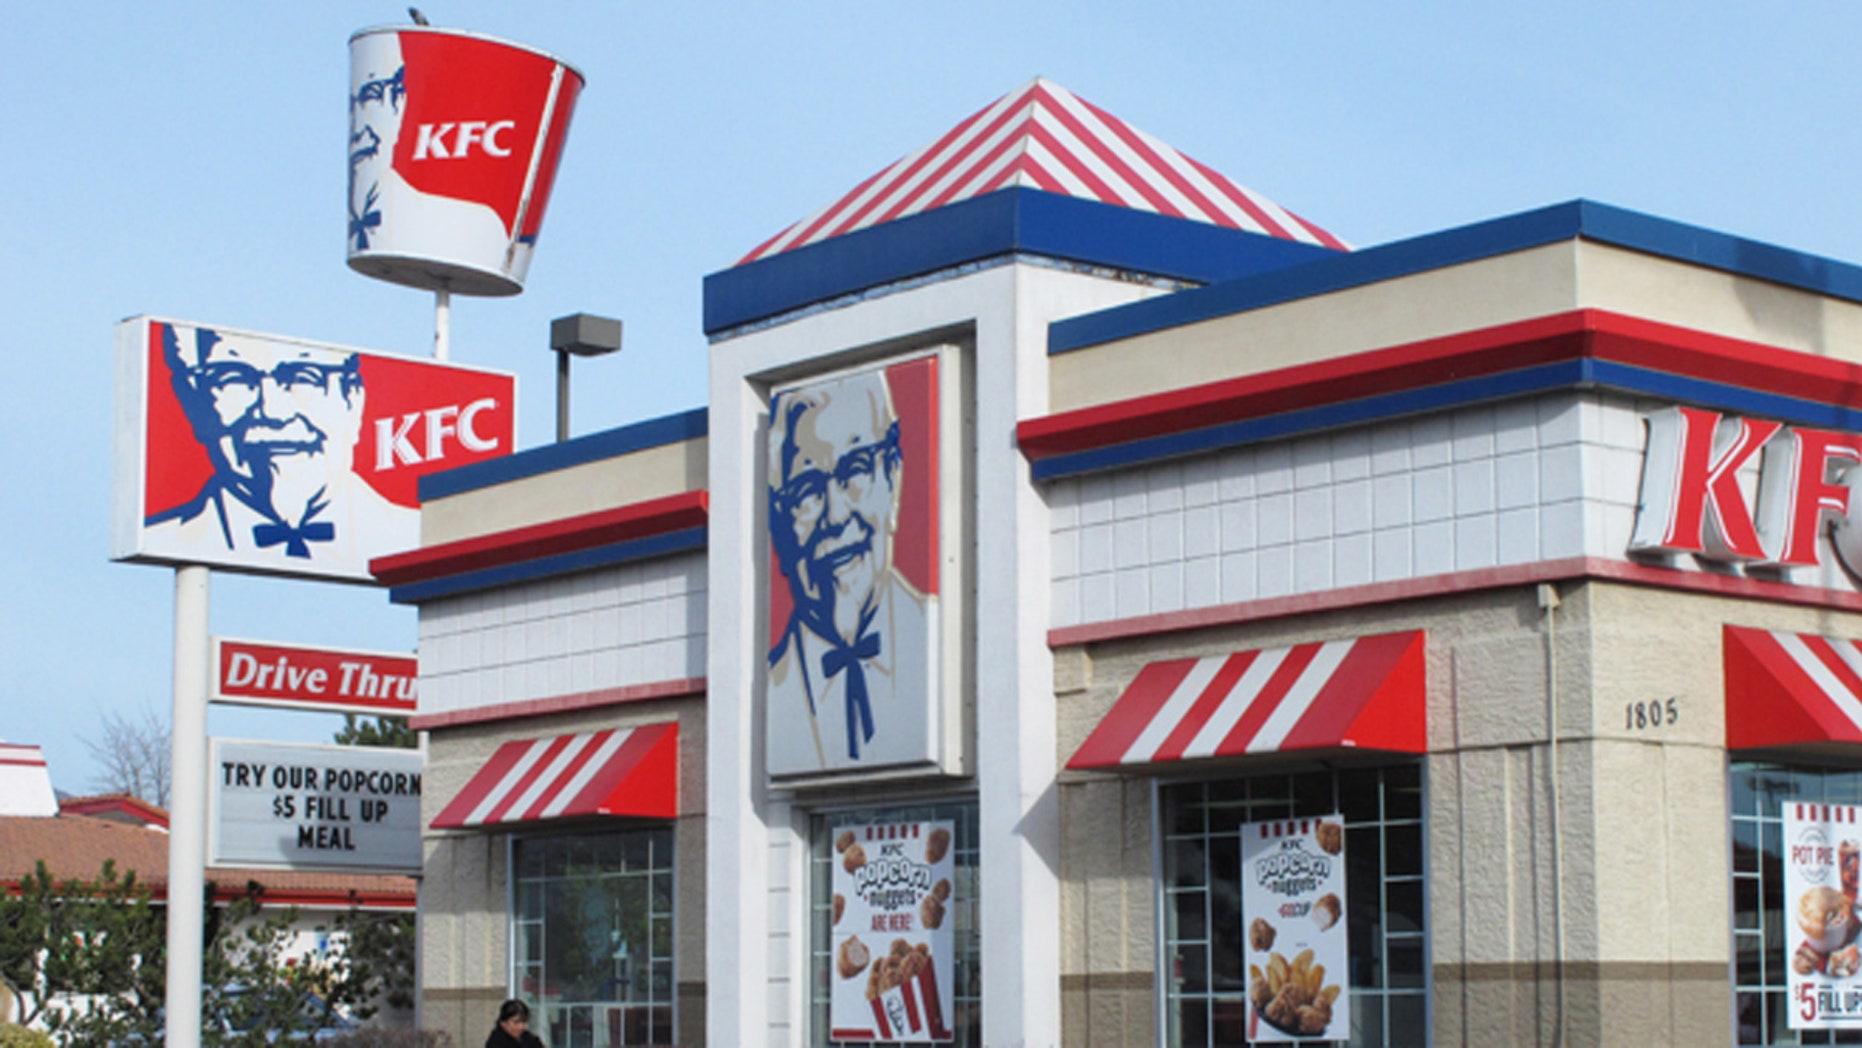 True love, Kentucky Fried Chicken style.